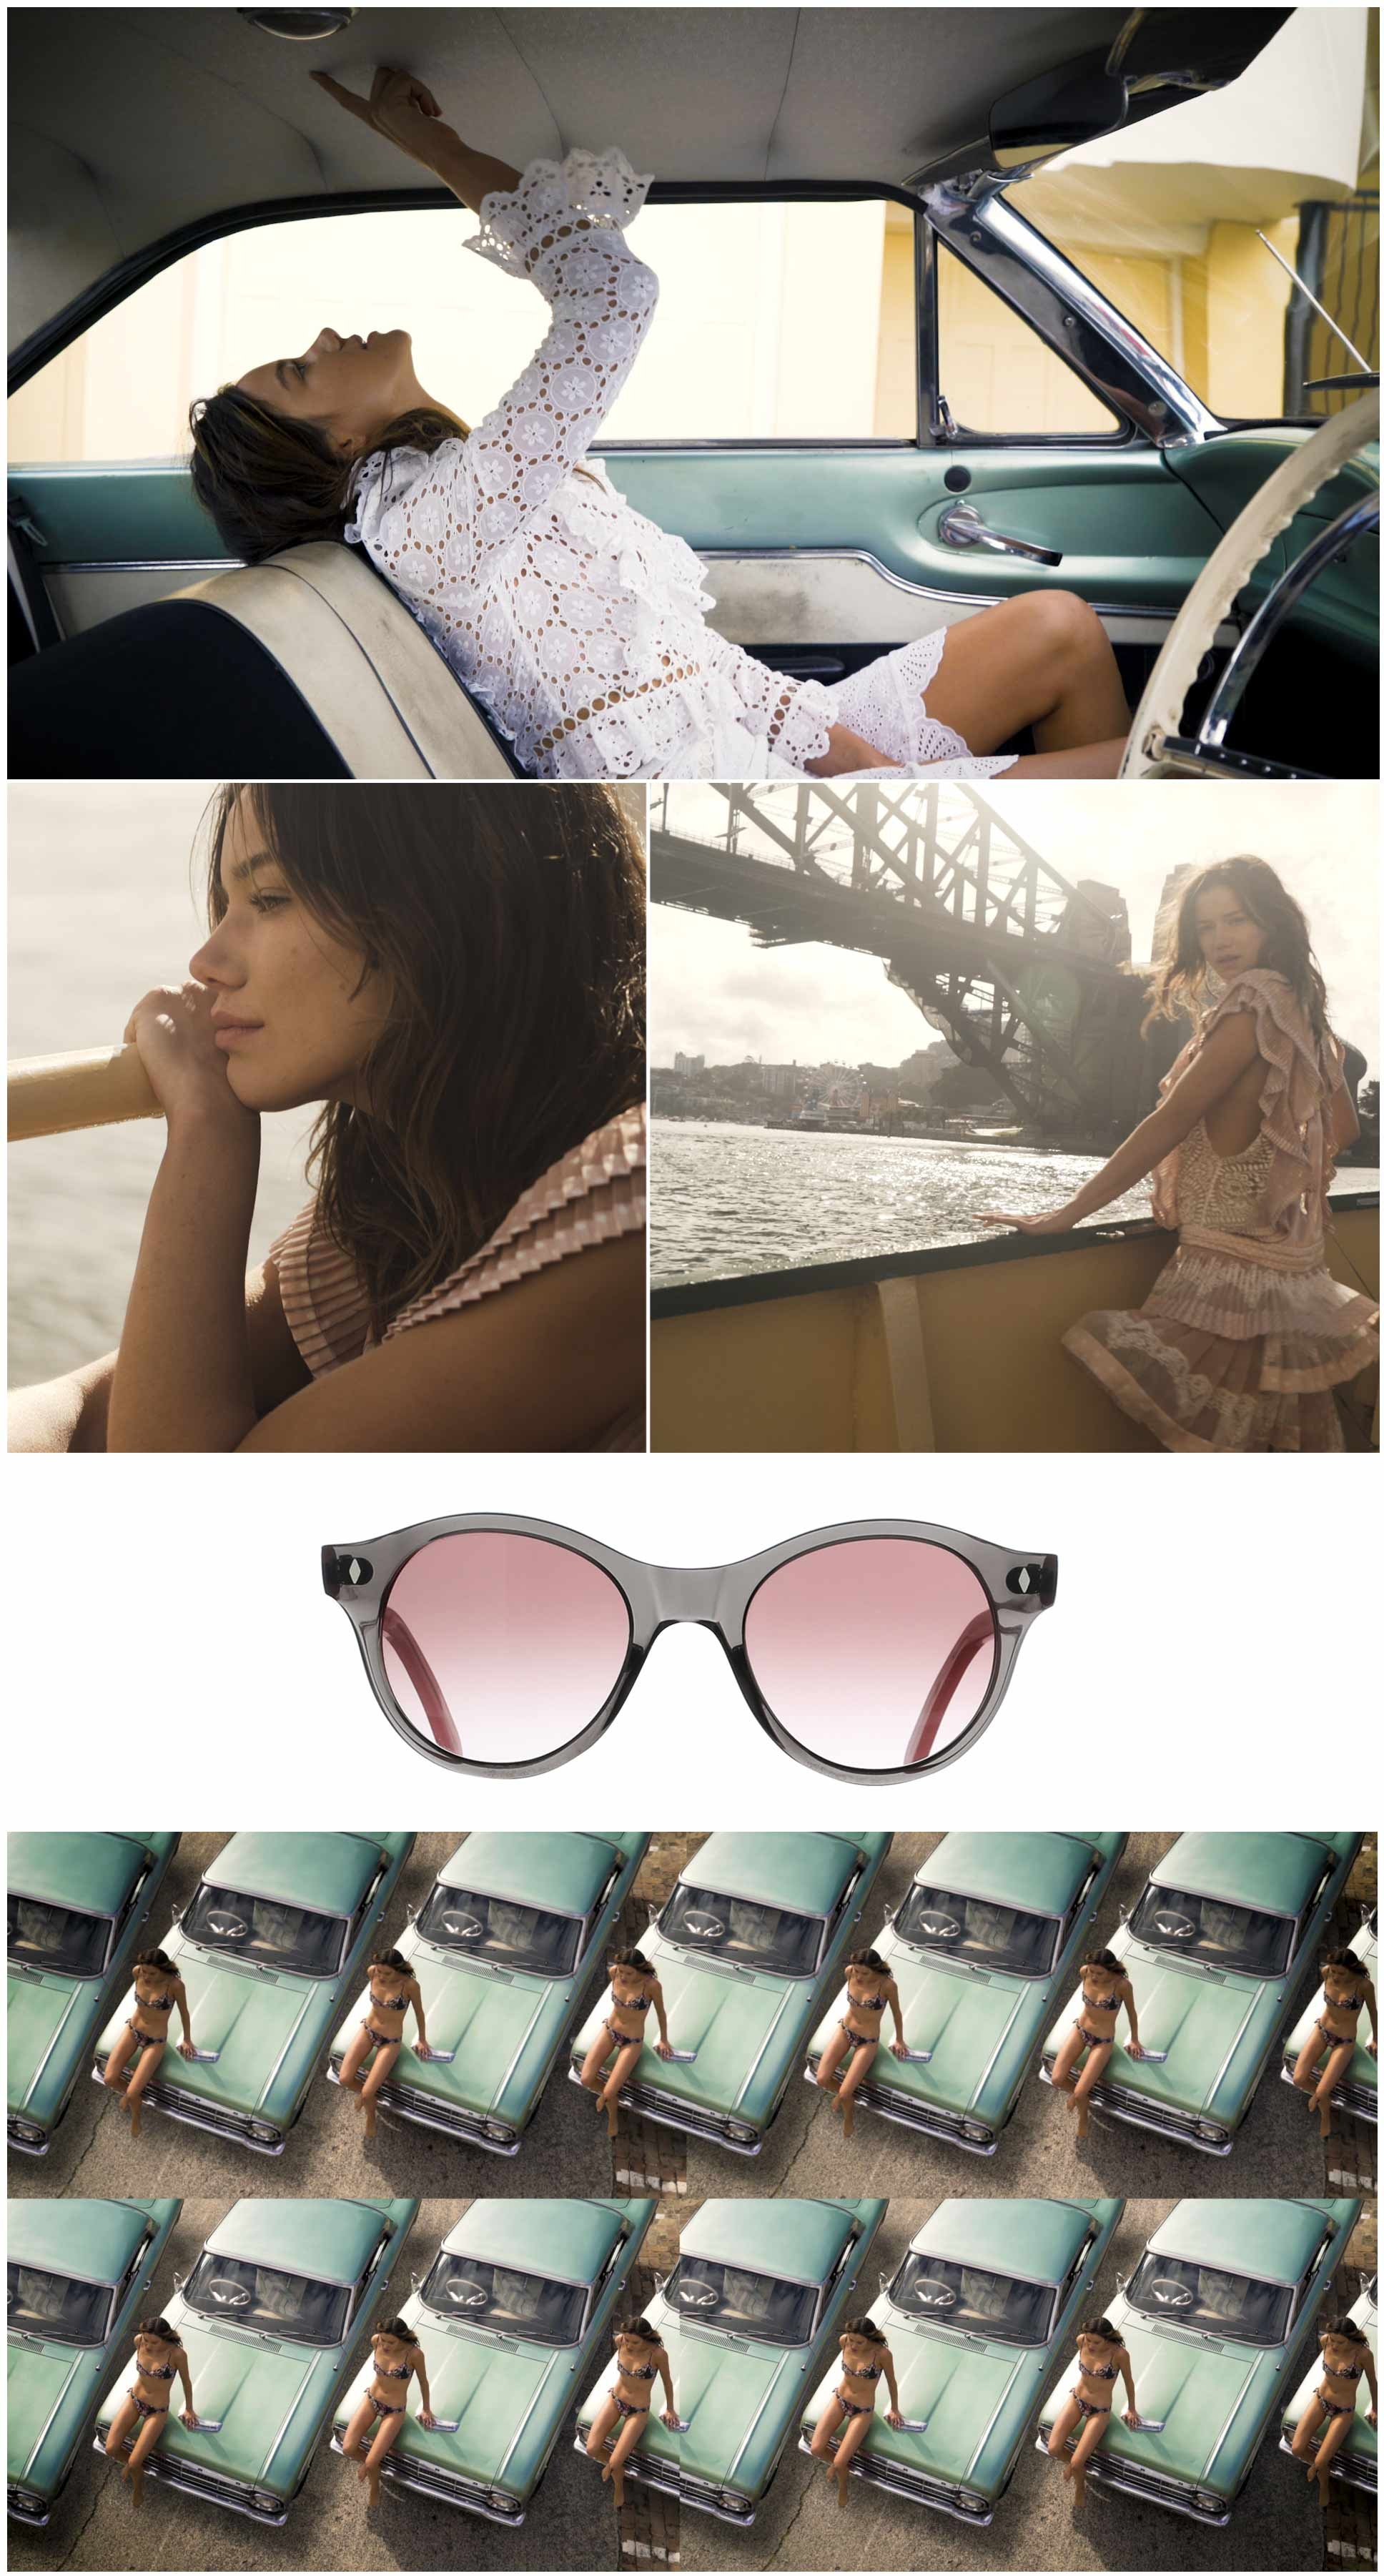 Sydney sunglasses campaign images